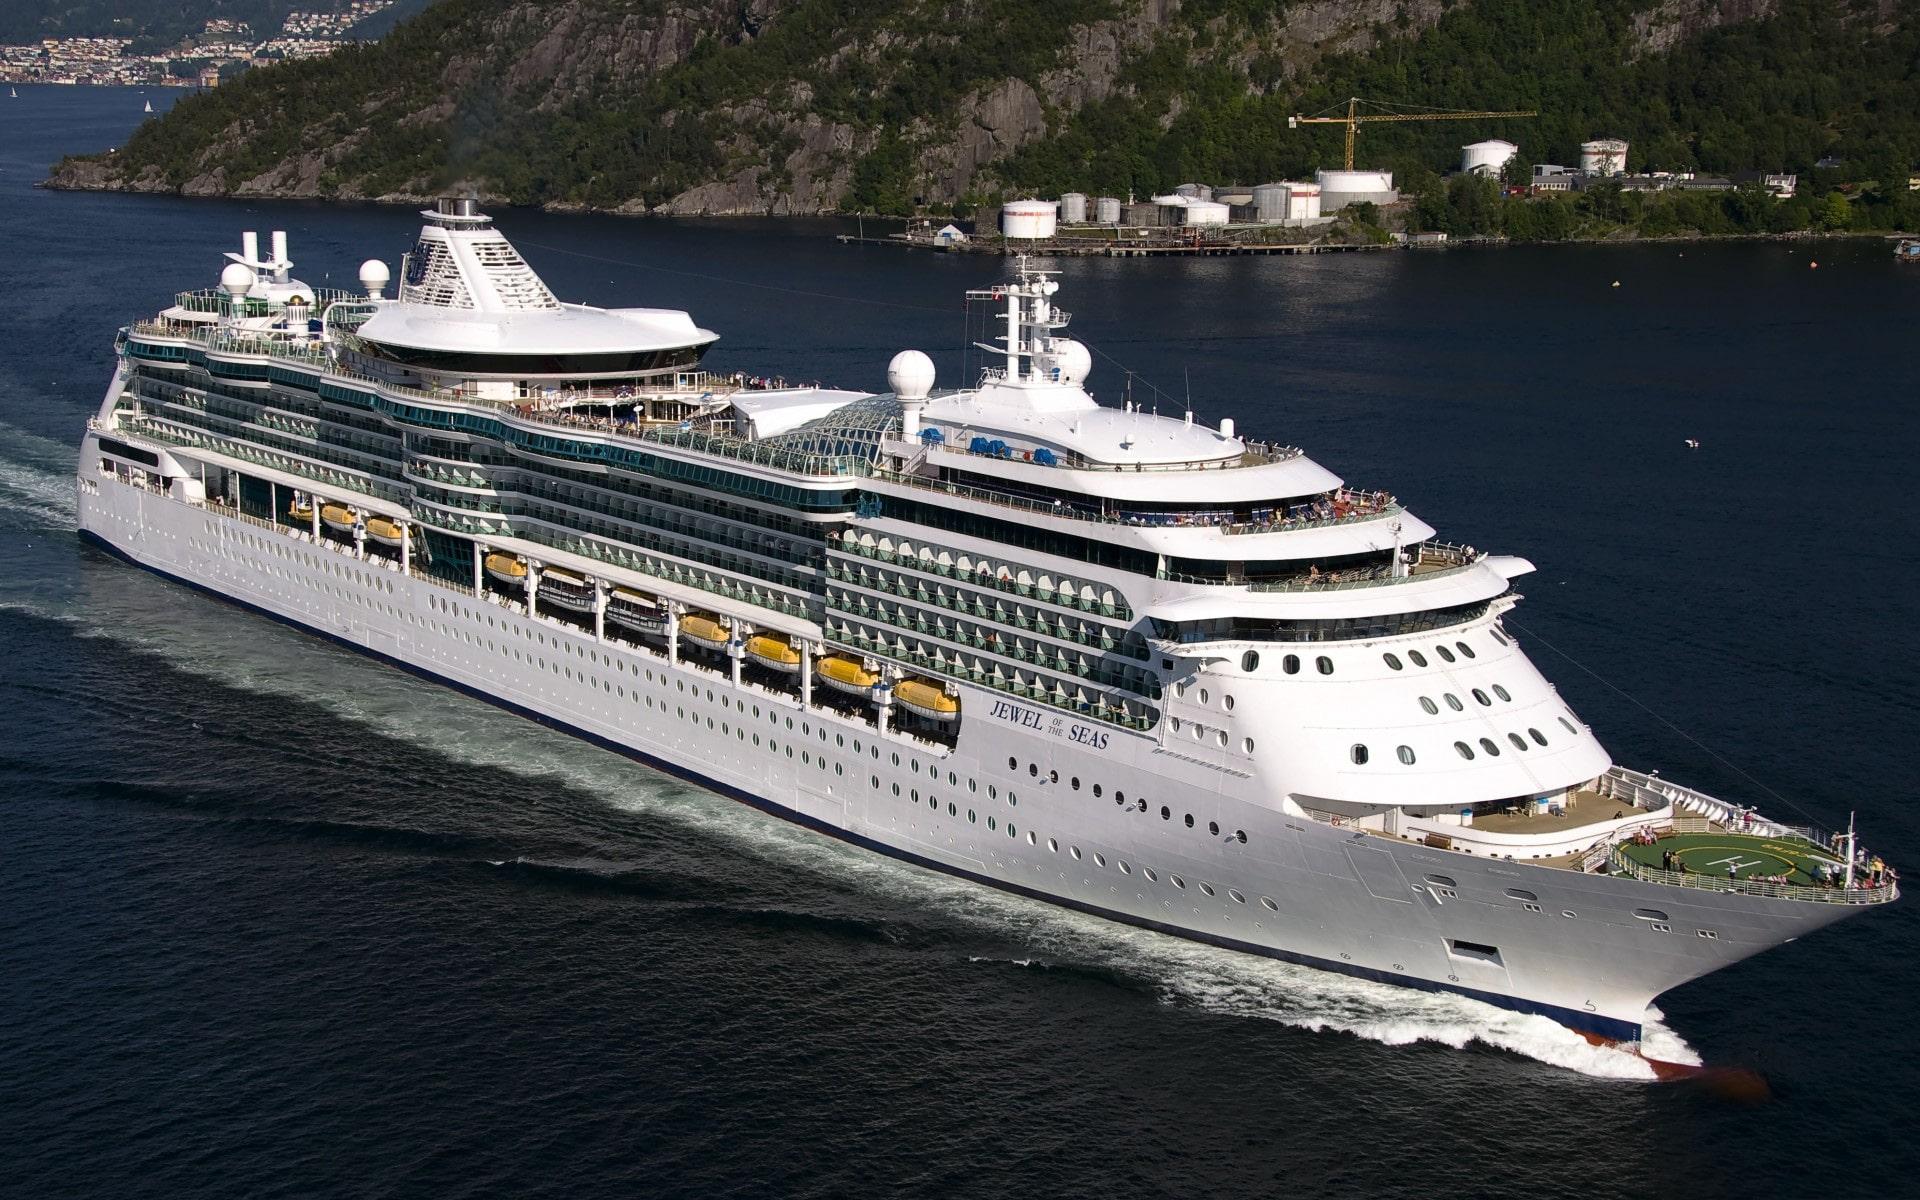 Cruiseschip-Jewel of the Seas-Royal Caribbean International-Schip